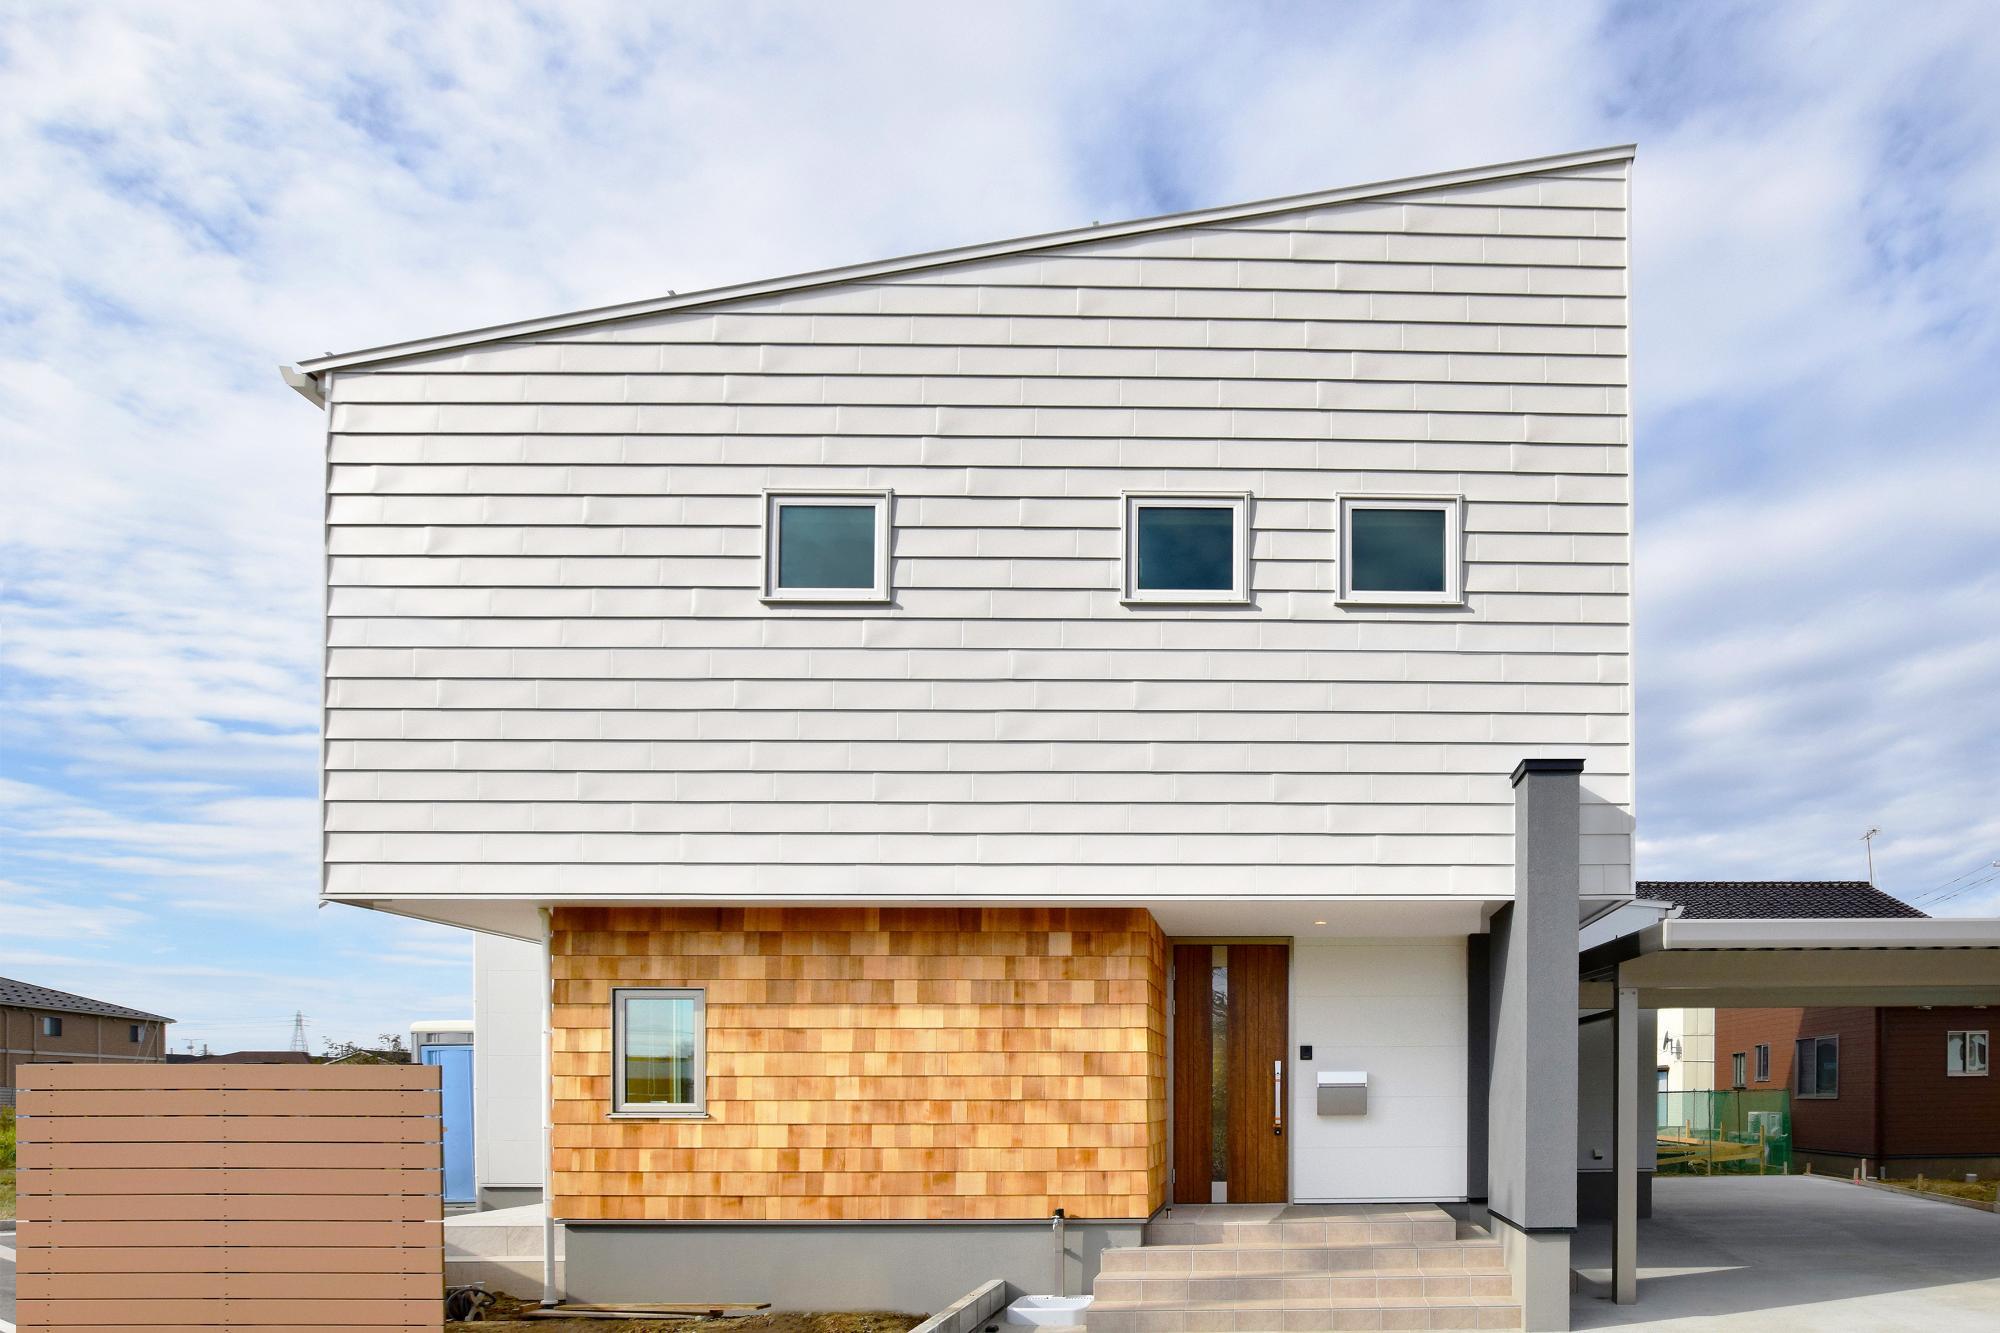 白いガルバリウム鋼板とレッドシダーを組み合わせたシンプルな外観デザイン